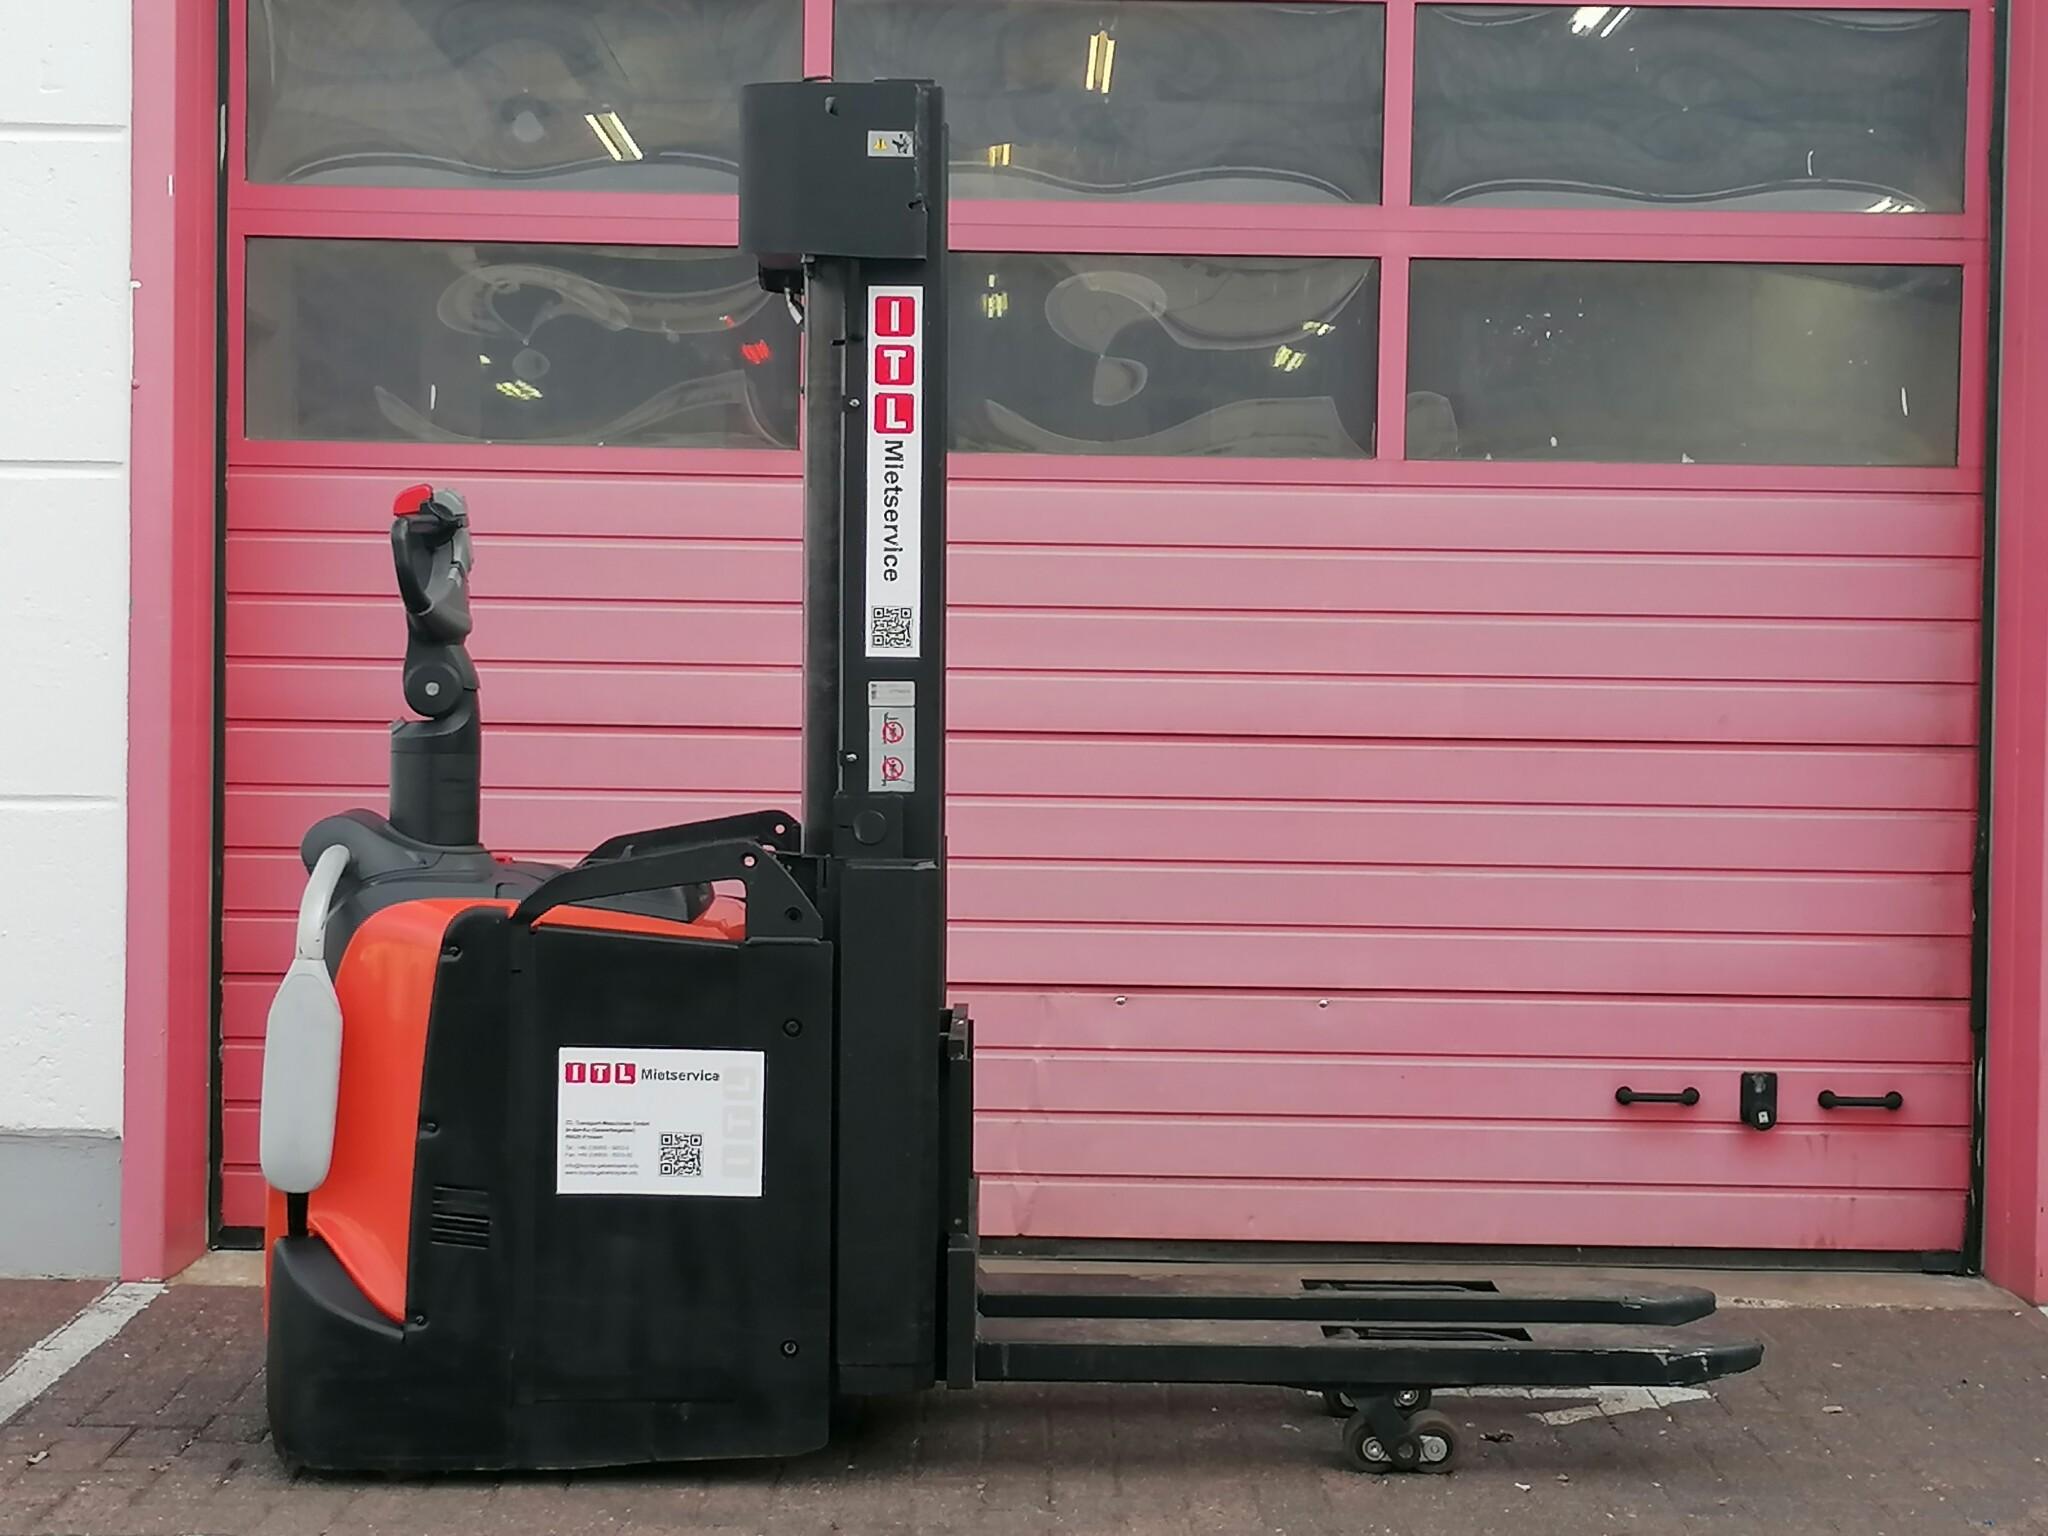 Toyota-Gabelstapler-212 22279 1 scaled